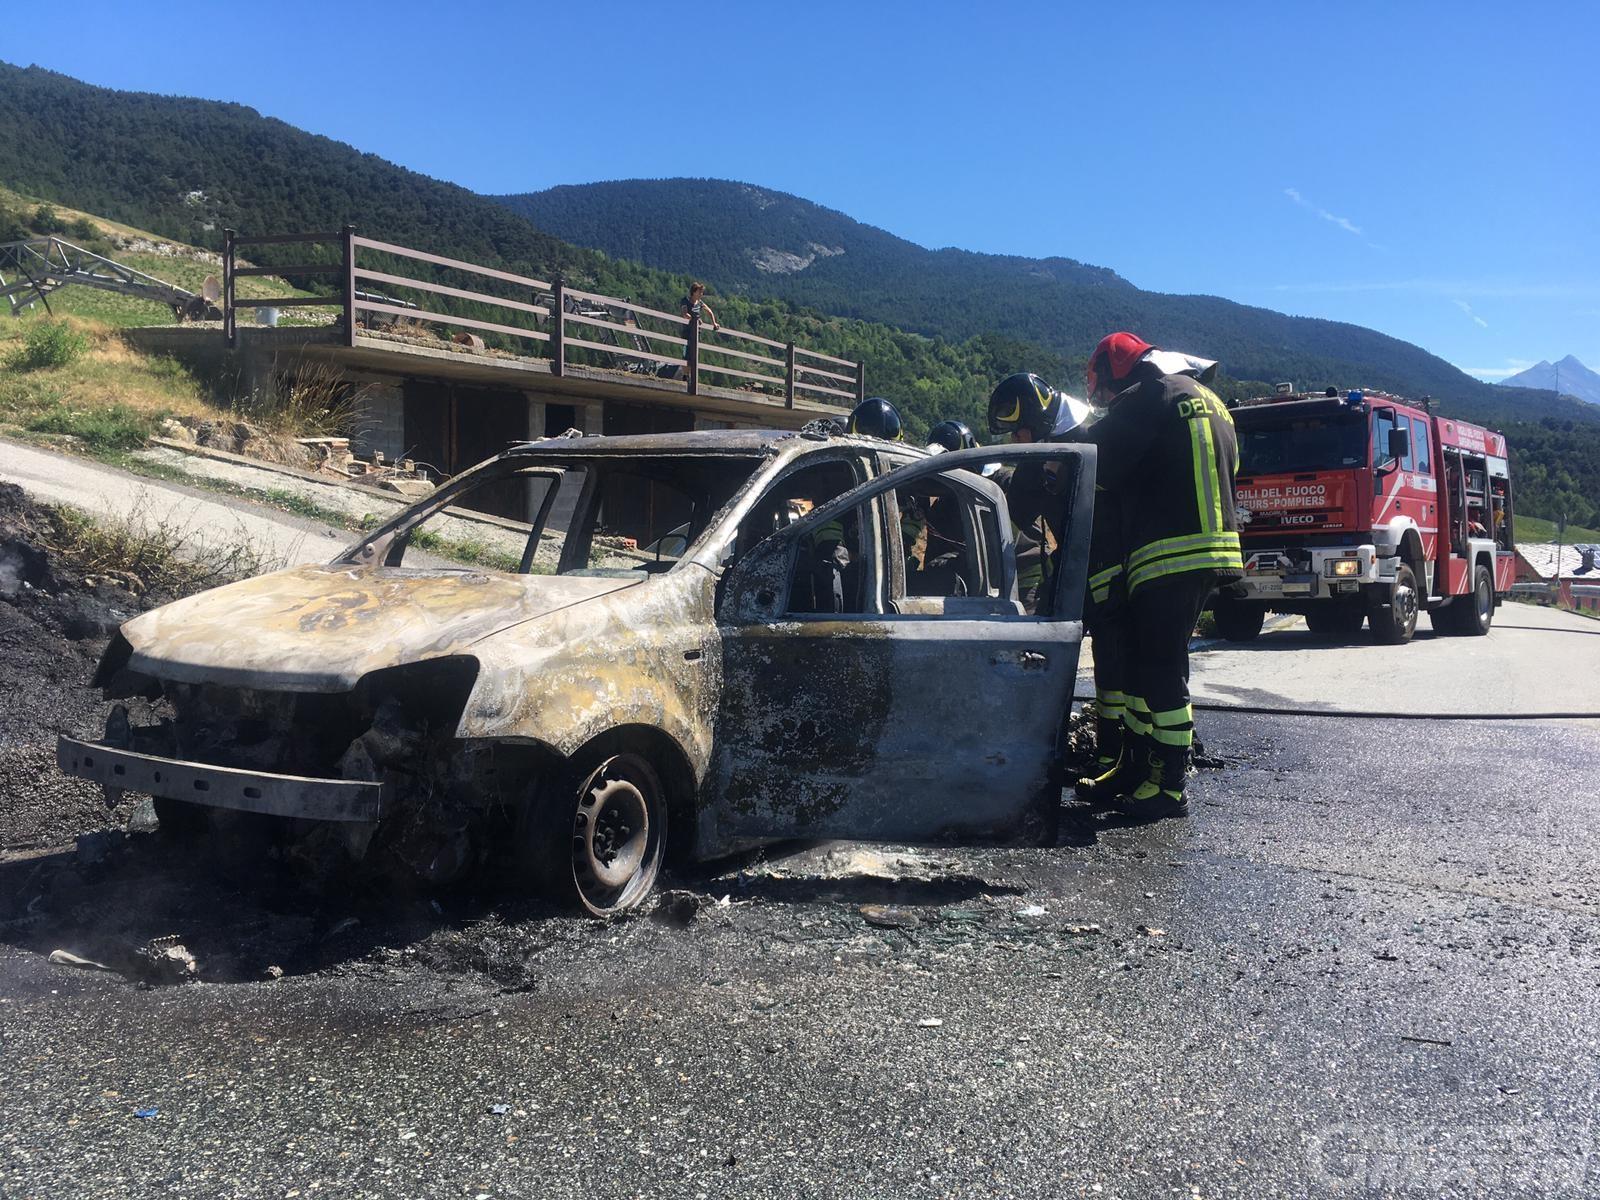 Auto a GPL in fiamme a Verrayes: illesi conducente e passeggero